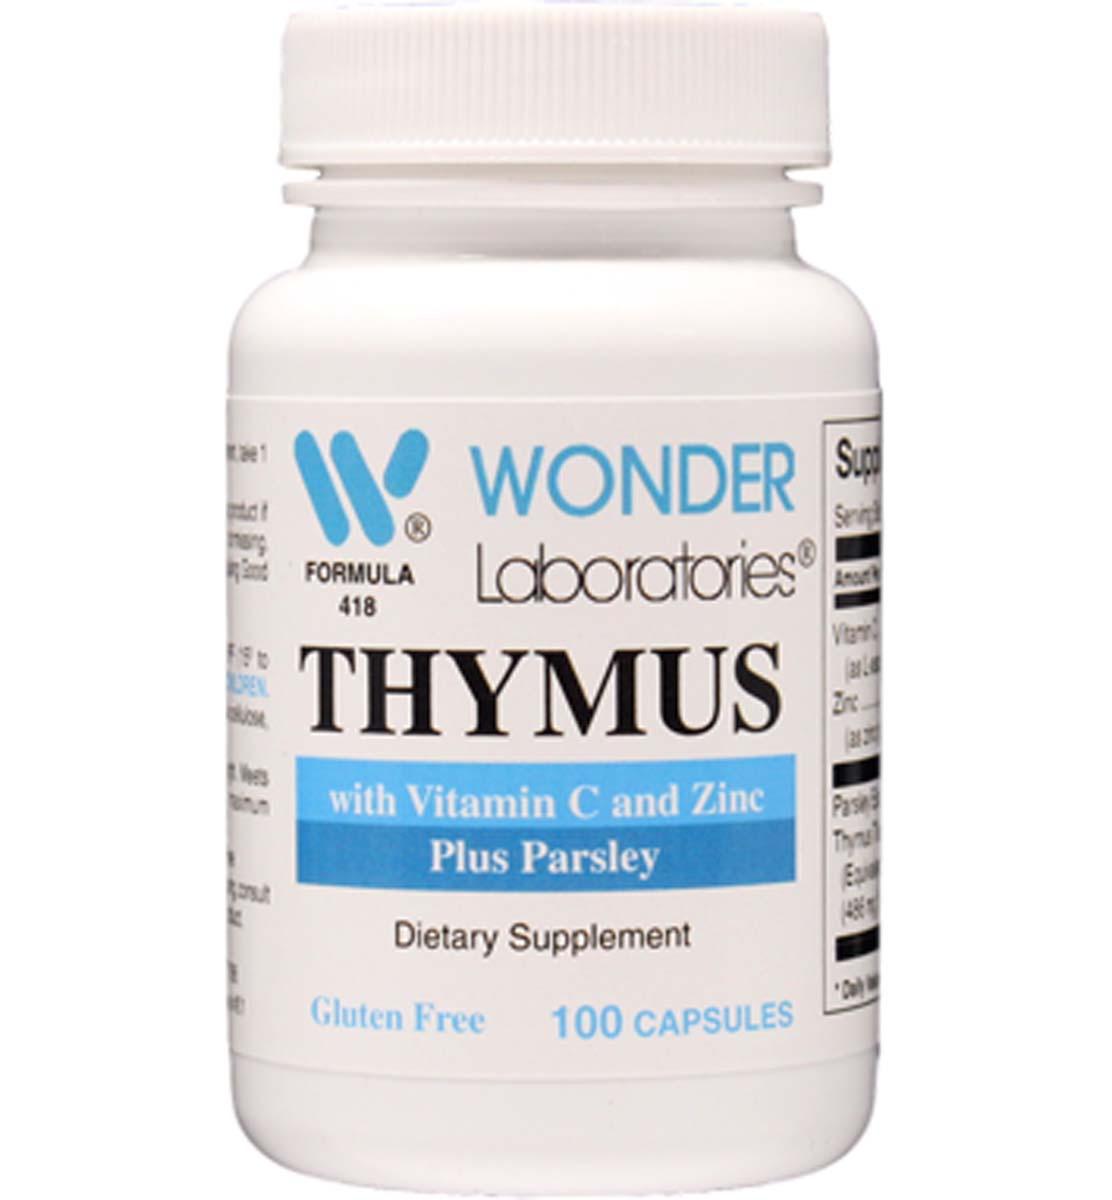 Thymus supplements